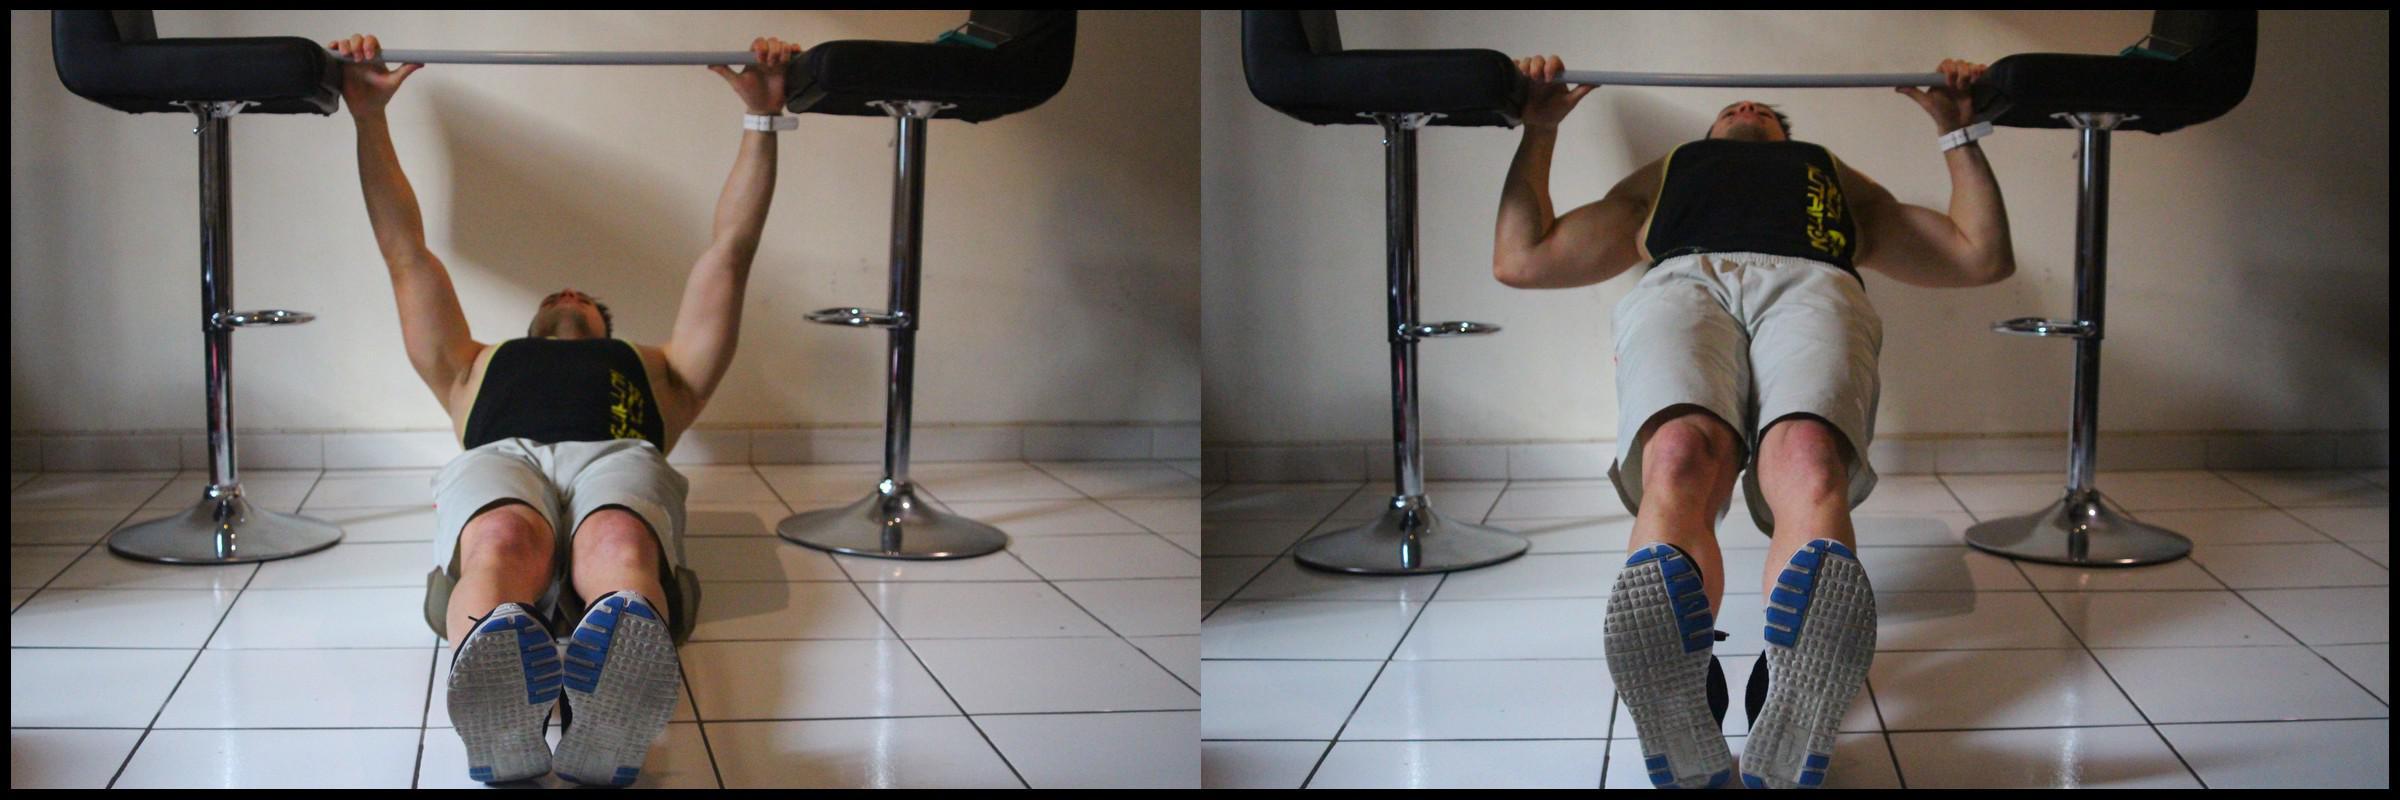 Programme de musculation sans matériel   Fitness coaching